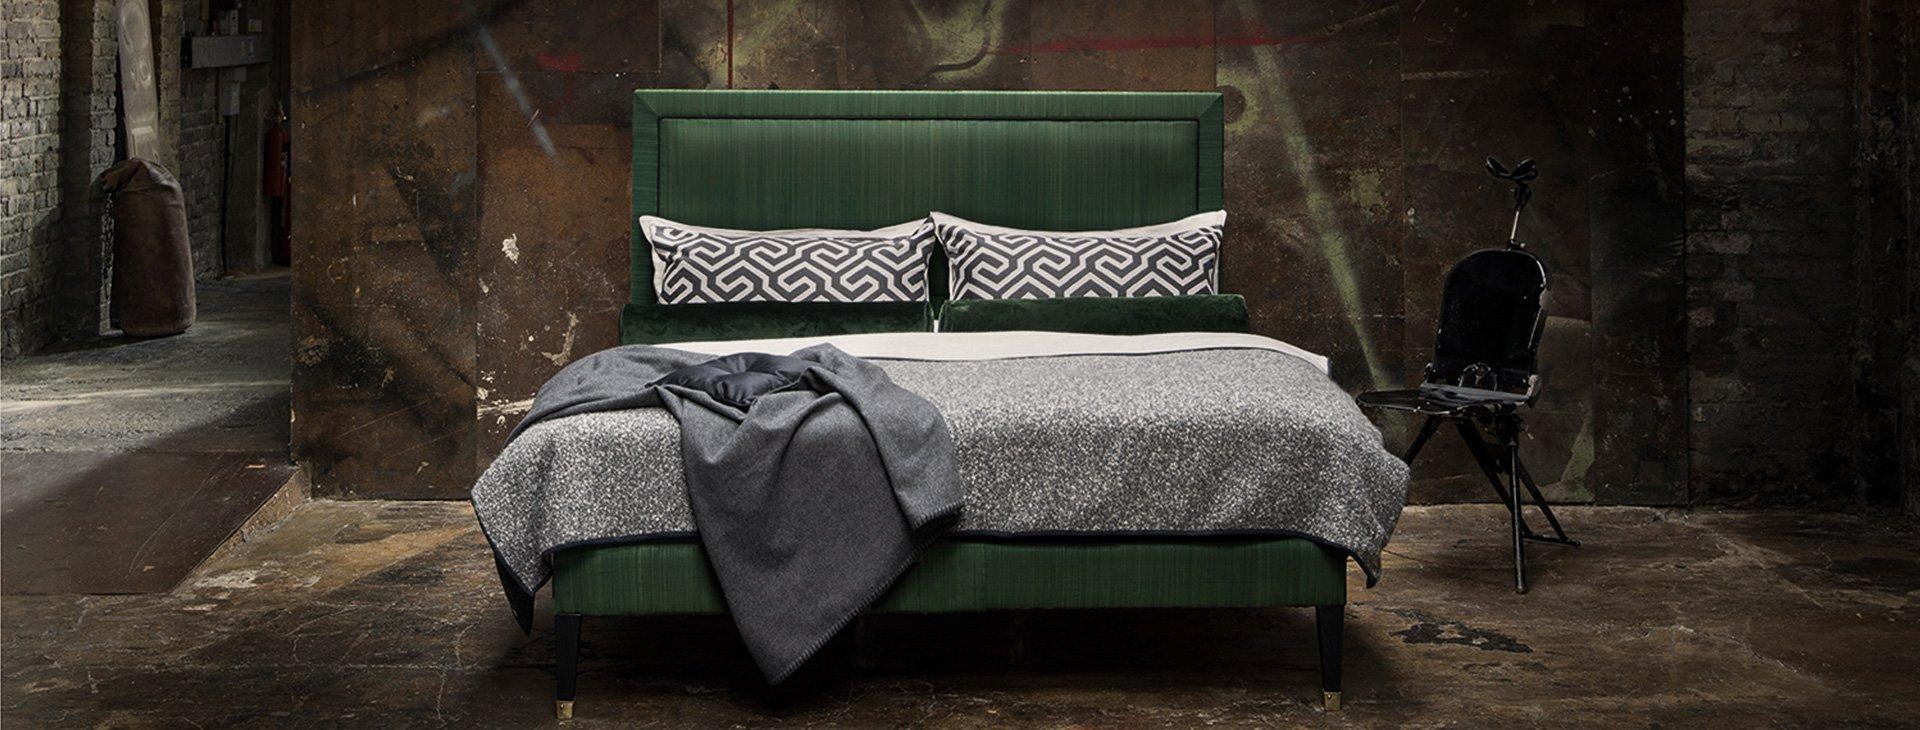 Stilwerk Berlin Betten savoir beds ihre stores im stilwerk düsseldorf